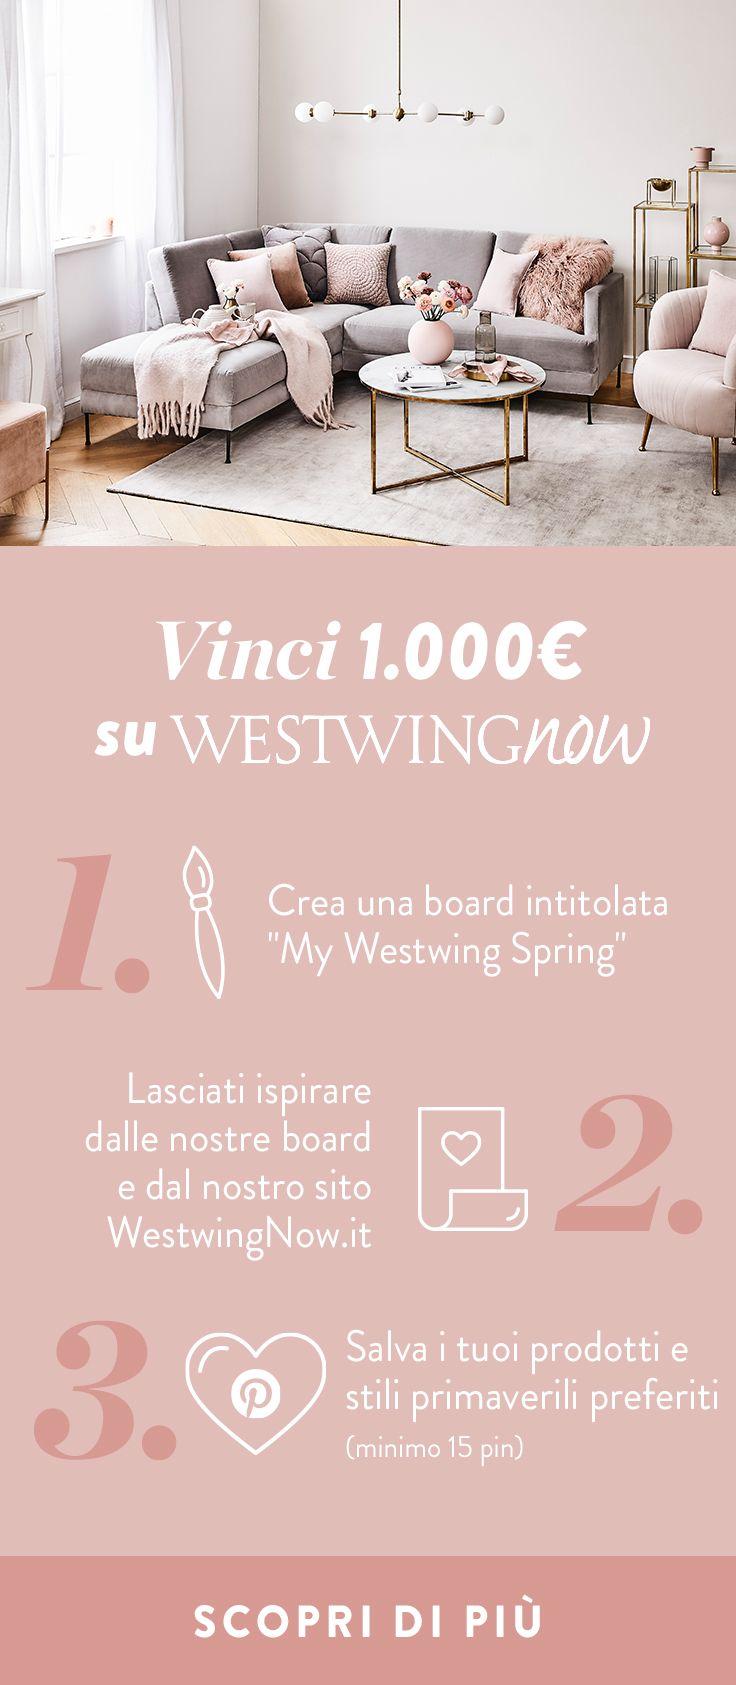 15 Trucchi Per Una Stanza Piu Grande Vinci 1000 Su Westwingnow Nel 2020 Idea Di Decorazione Articoli Per La Casa Ispirare